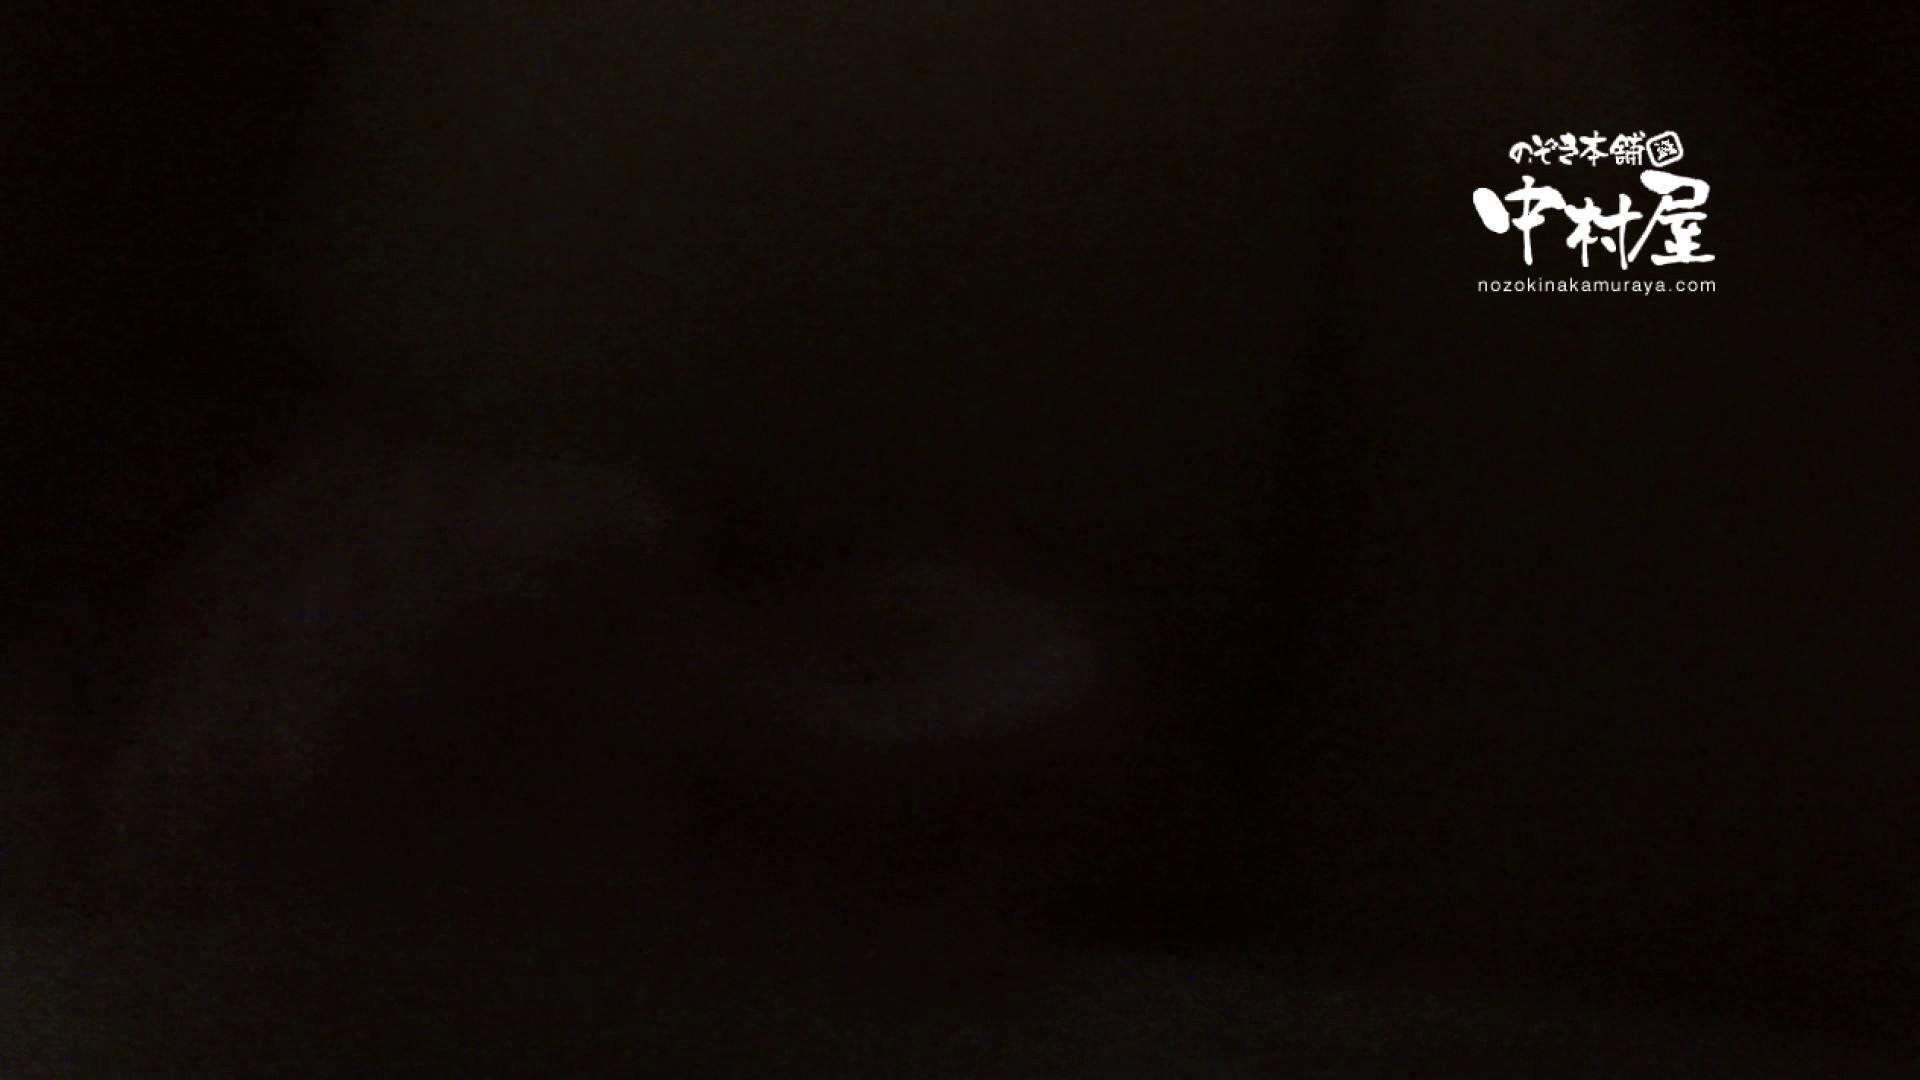 鬼畜 vol.10 あぁ無情…中出しパイパン! 前編 鬼畜 すけべAV動画紹介 107画像 94